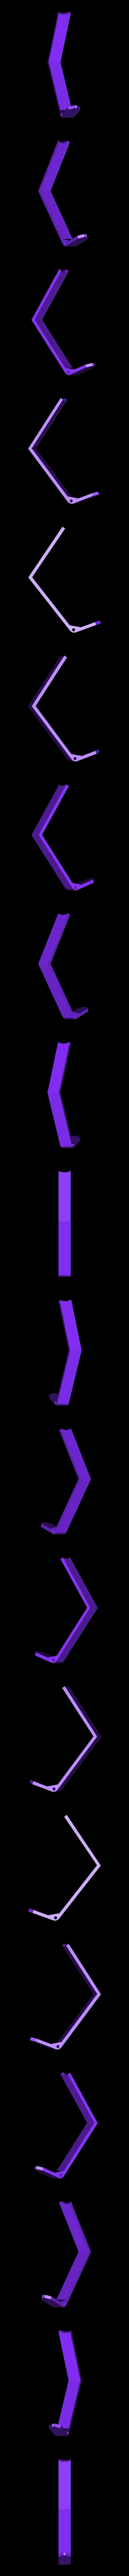 penholderarm.stl Télécharger fichier STL gratuit porte-stylo wacom • Plan pour imprimante 3D, rubenzilzer